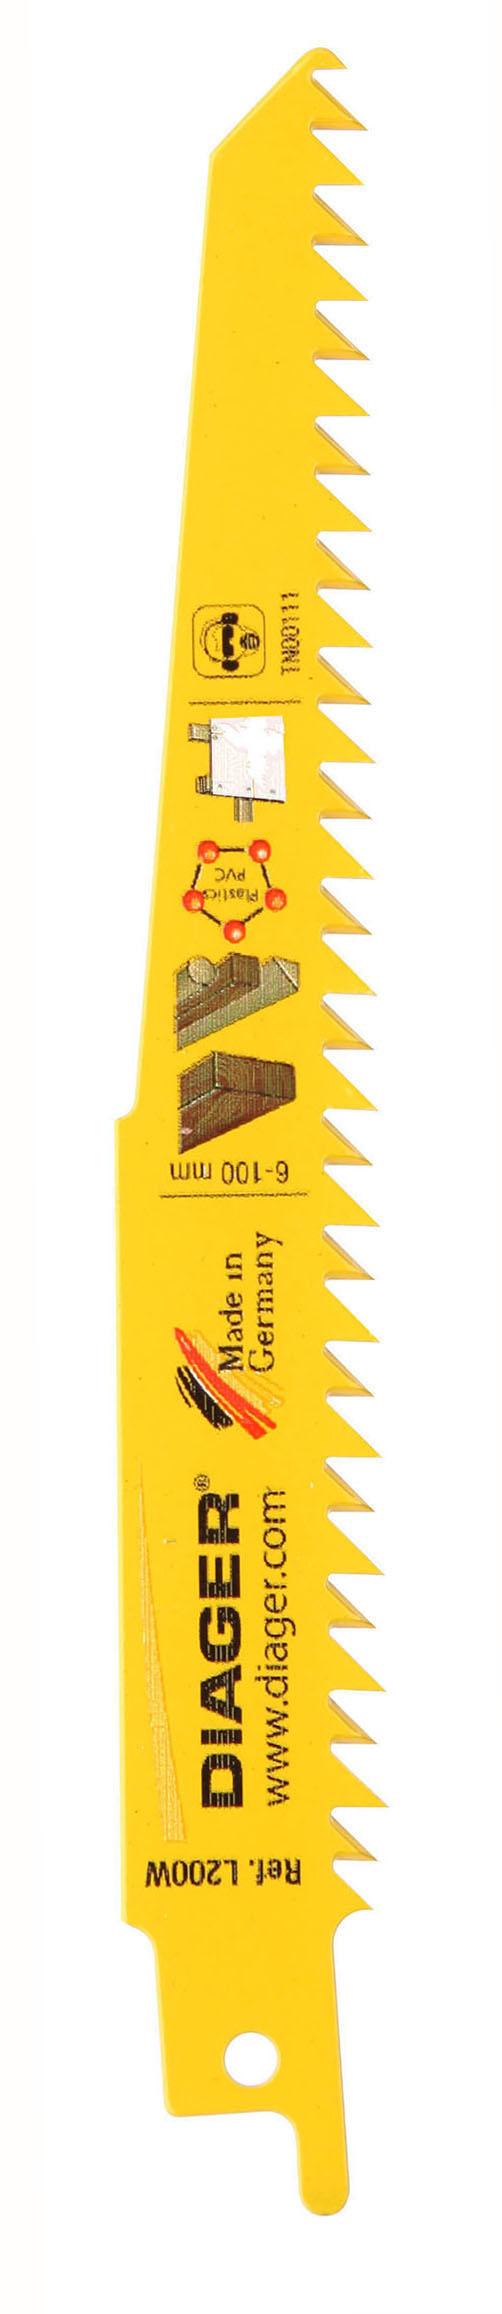 Sciage Plâtre, bois et plastique Lame de scie sabre spéciale plâtre - L200W.jpg